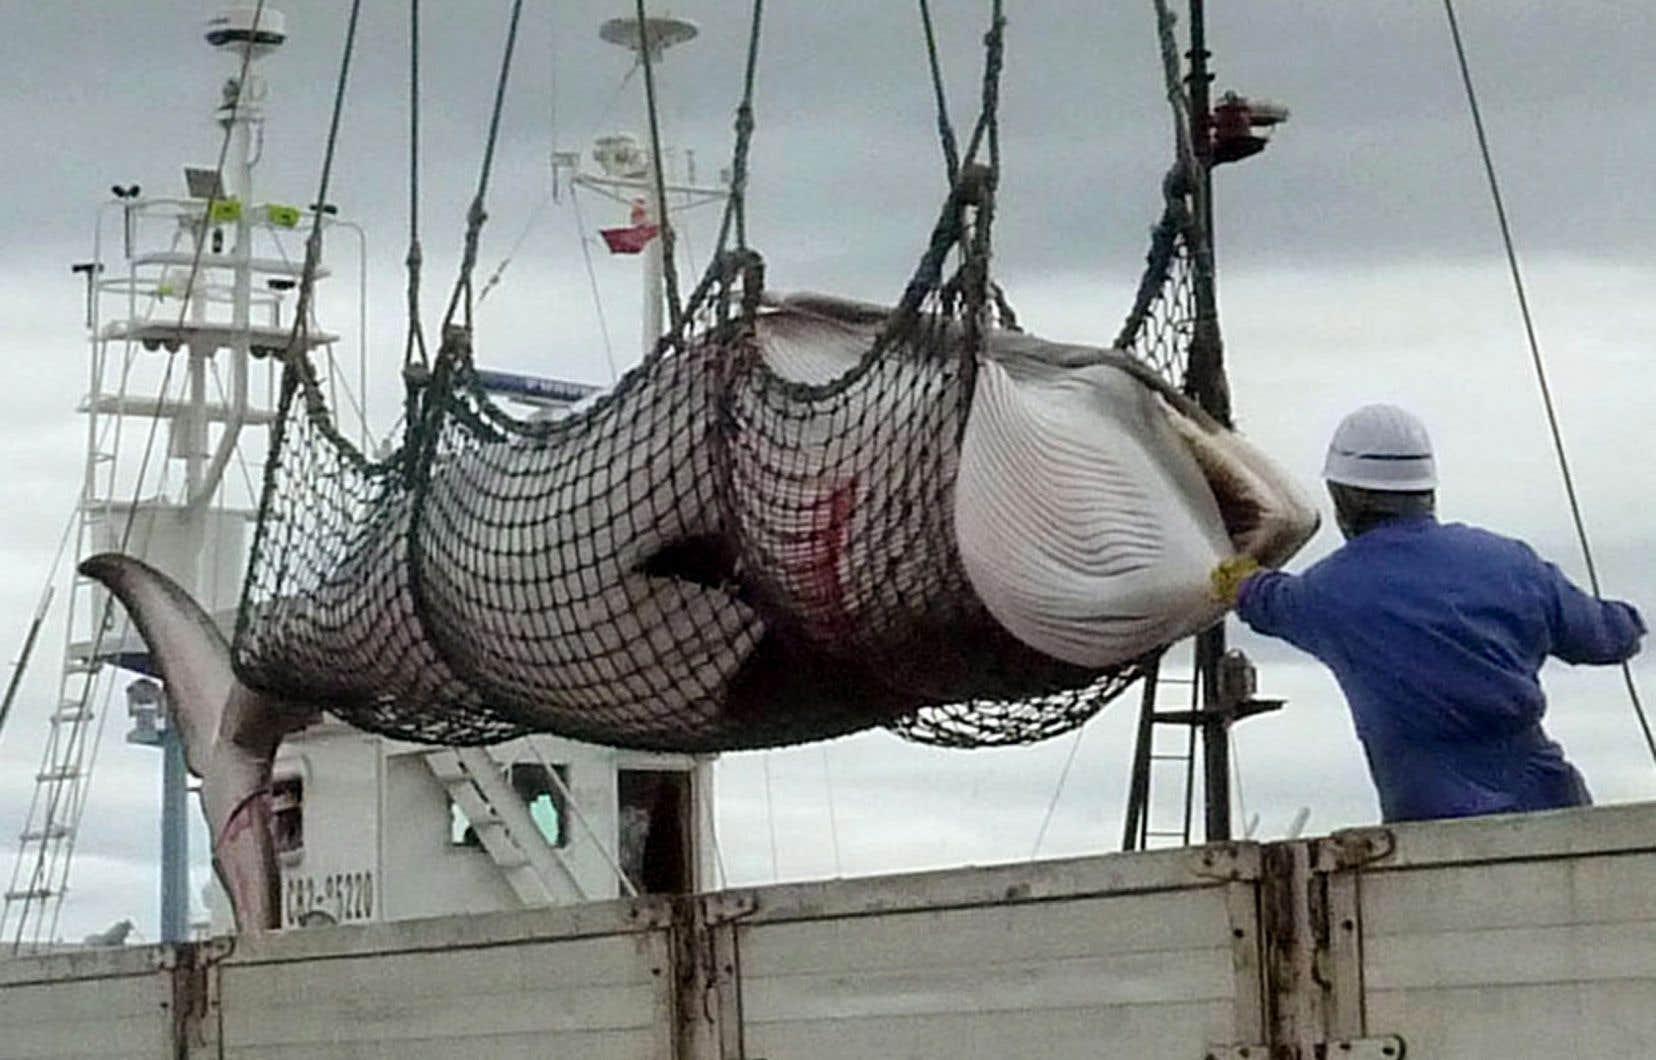 Le Japon mettra notamment fin à sa très controversée chasse dans l'Antarctique, où il menait des «chasses de recherche» depuis le moratoire imposé par la CBI en 2009.